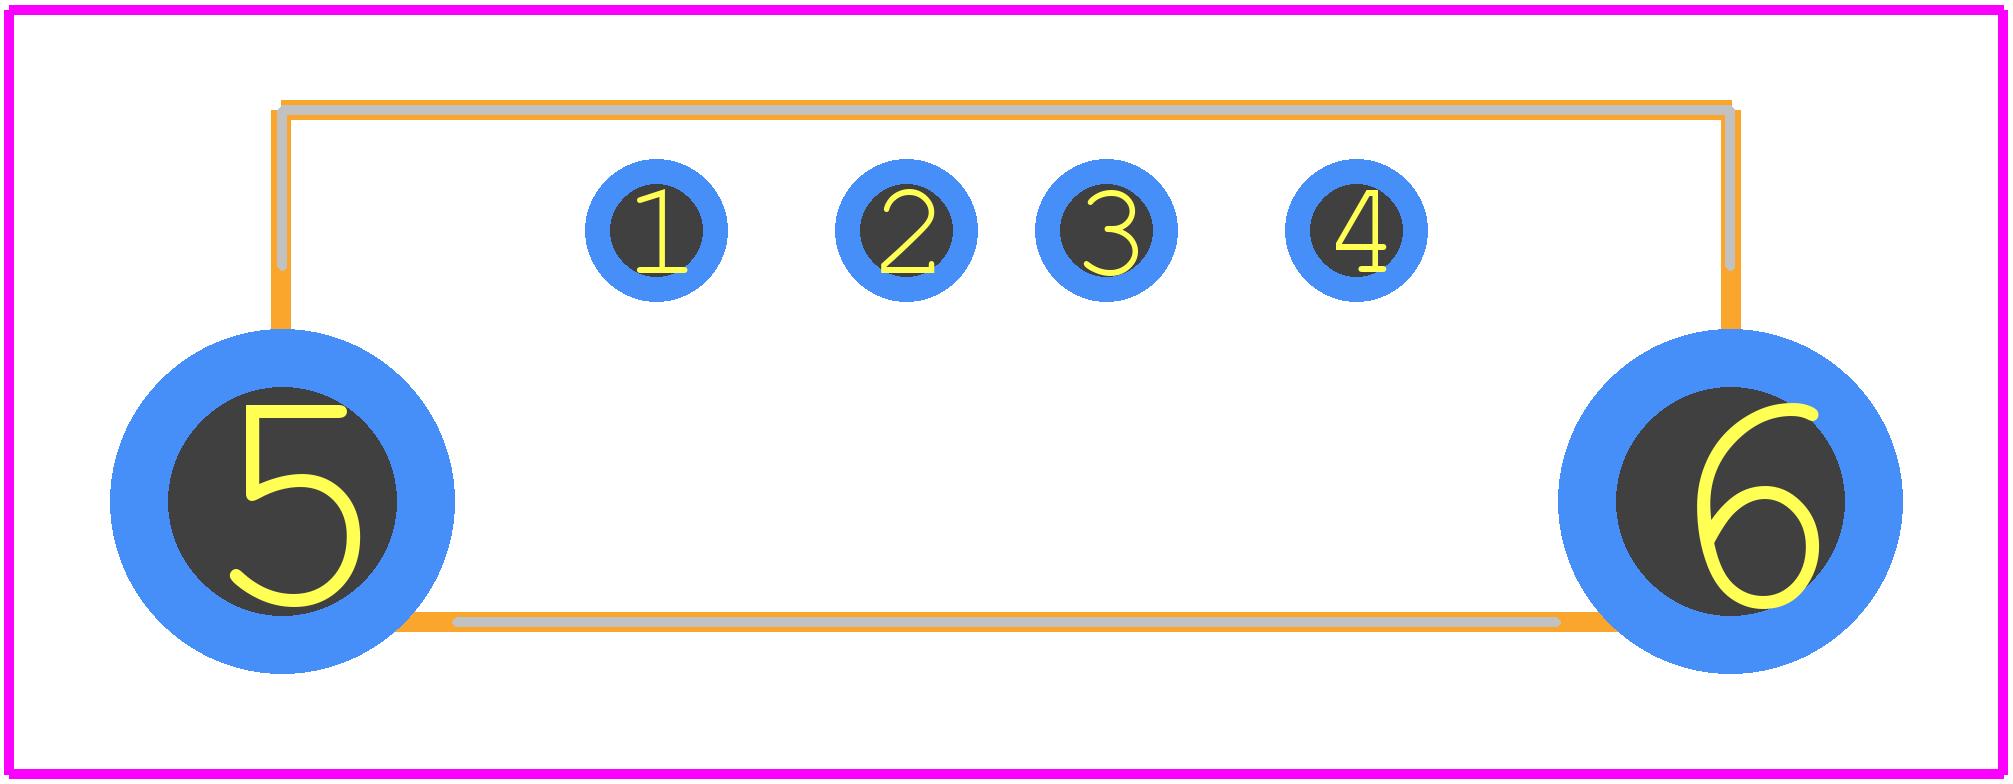 Usb A S F B Vt Samtec Pcb Footprint Symbol Download Schematic Other